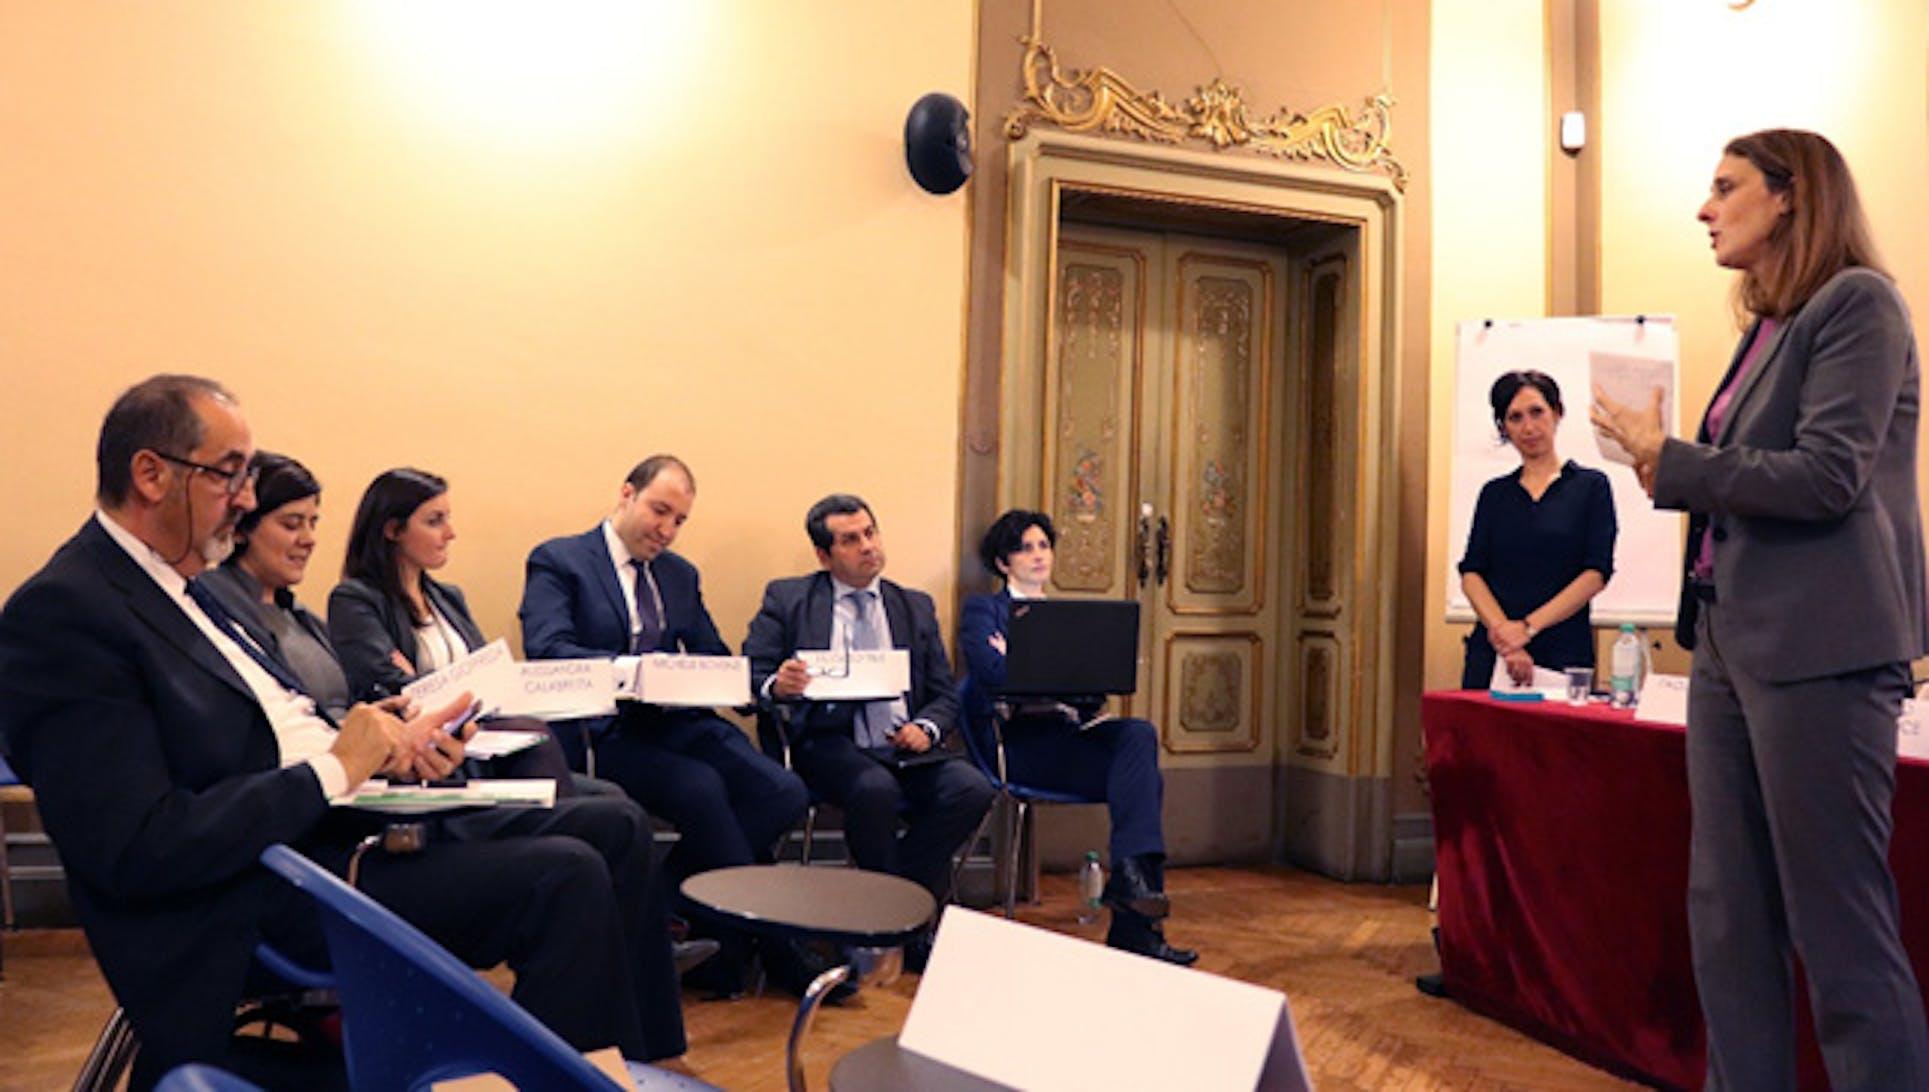 Arianna De Leo, responsabile della Filantropia strategica all'UNICEF Italia, con gli esperti del meeting di Milano - ©ALTIS